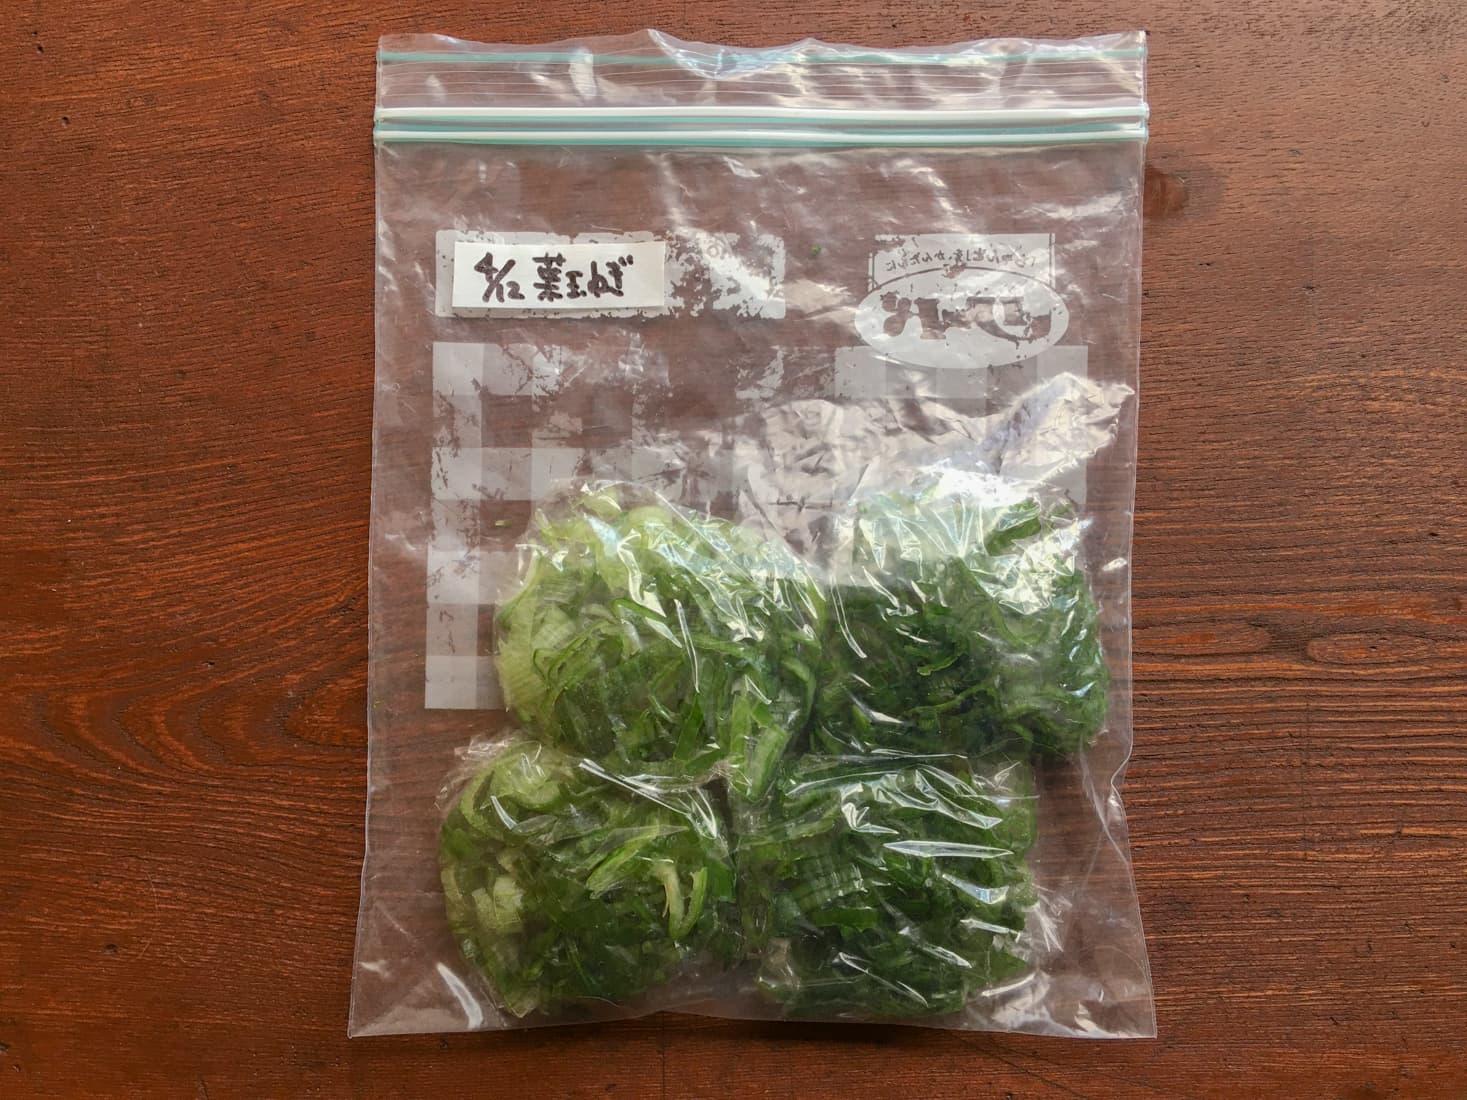 冷凍保存袋に入れた葉玉ねぎの写真